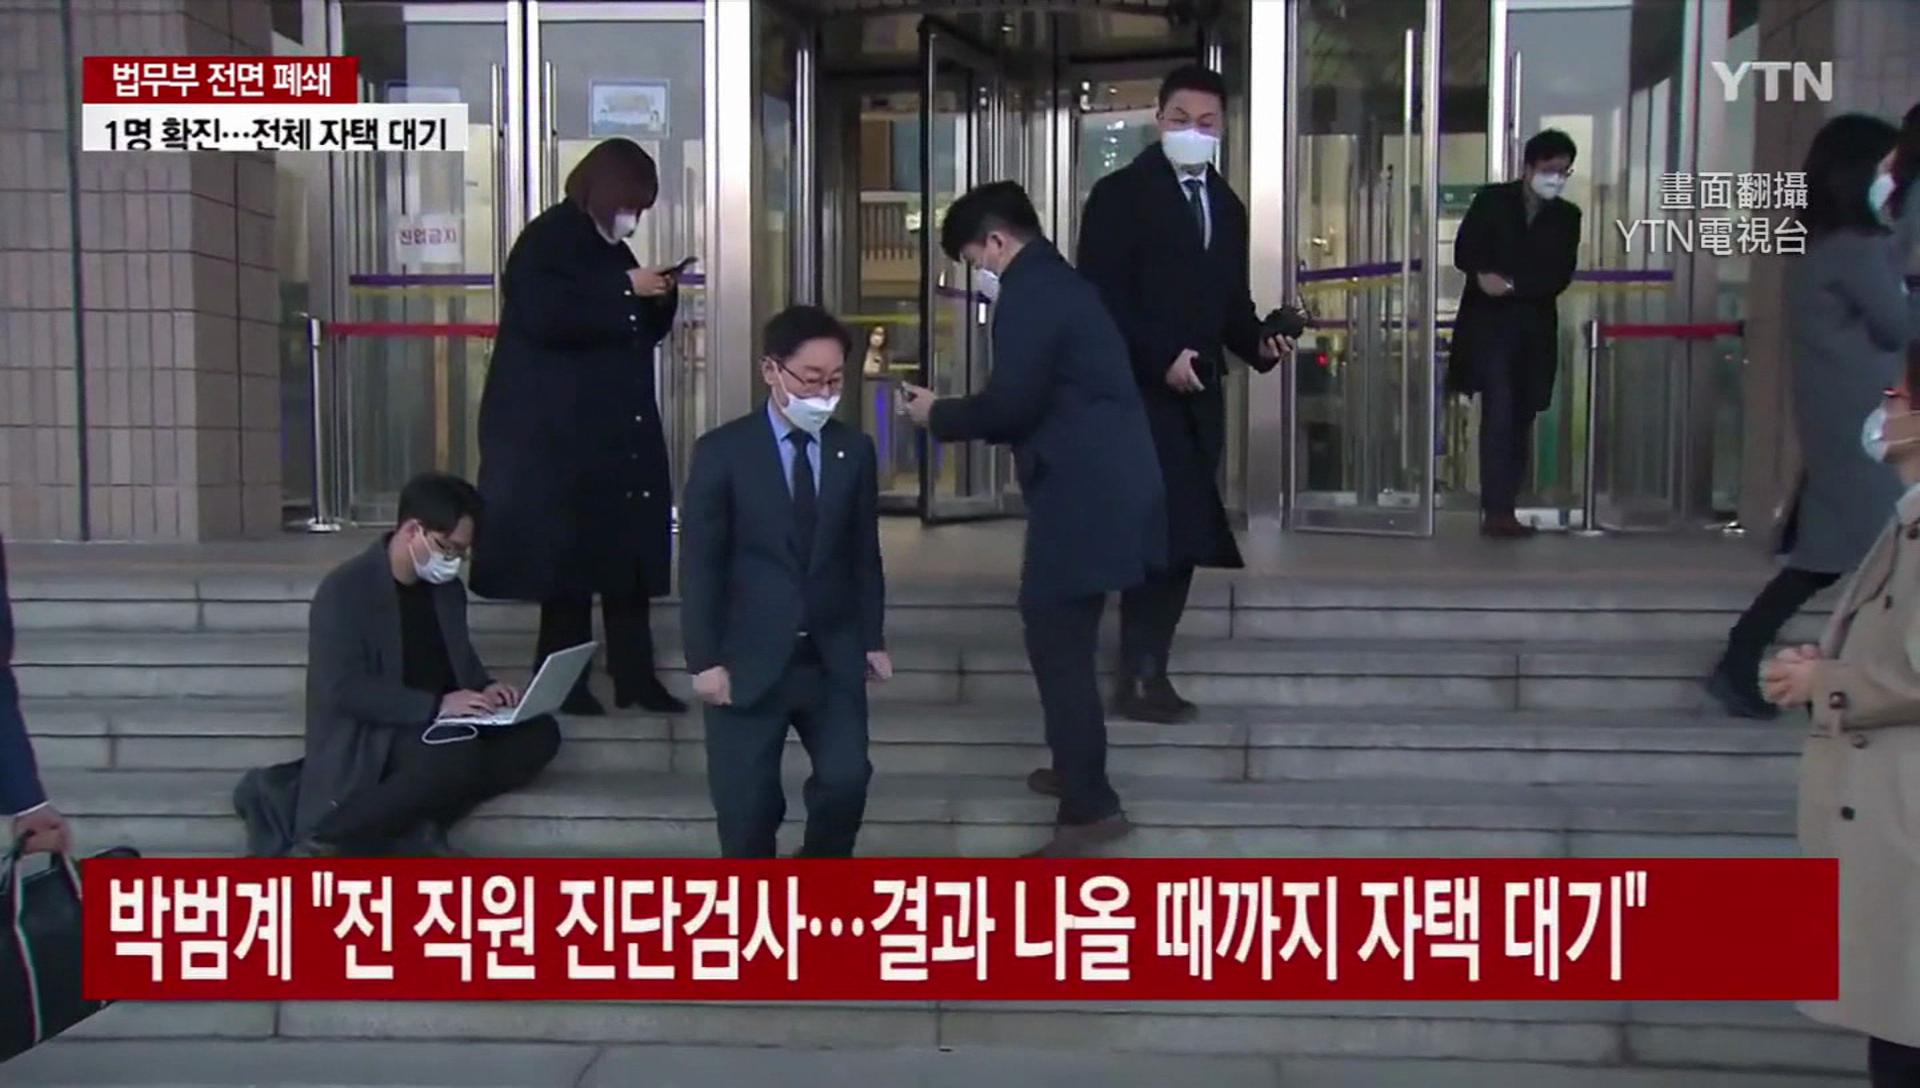 日增673案例! 南韓法務部員工中鏢 首位國會議員染疫